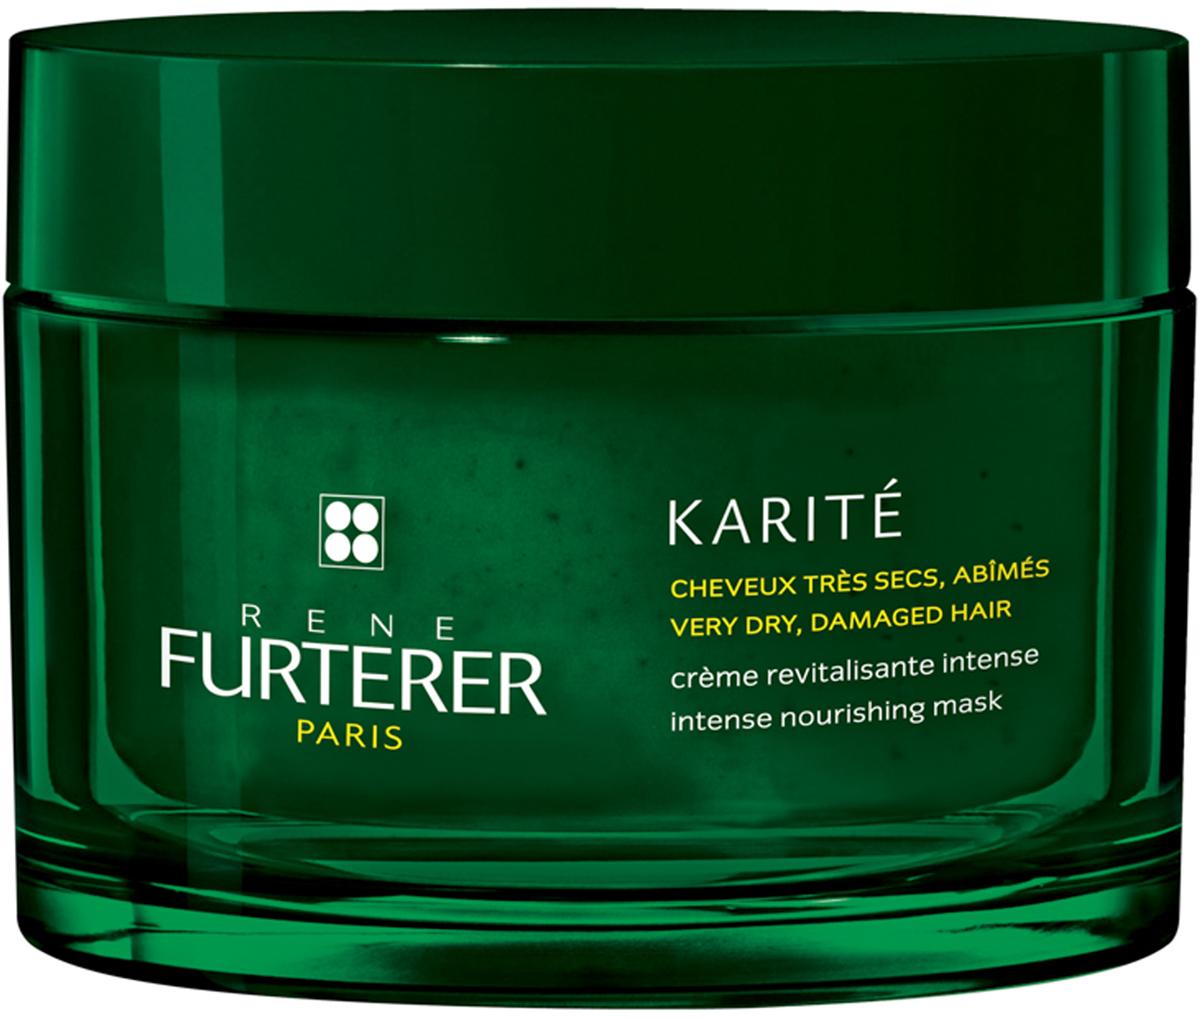 Rene Furterer Karite Питательный крем-бальзам для очень сухих и поврежденных волос, 200 мл0148Крем-бальзам - это насыщенная кремовая маска, с высоким содержанием масла карите, для интенсивного питания волос. Мгновенно возвращает мягкость и шелковистость даже очень сухим волосам. Обладает превосходными восстанавливающими свойствами. Облегчает расчесывание. Волосы становятся более сильными и эластичными.